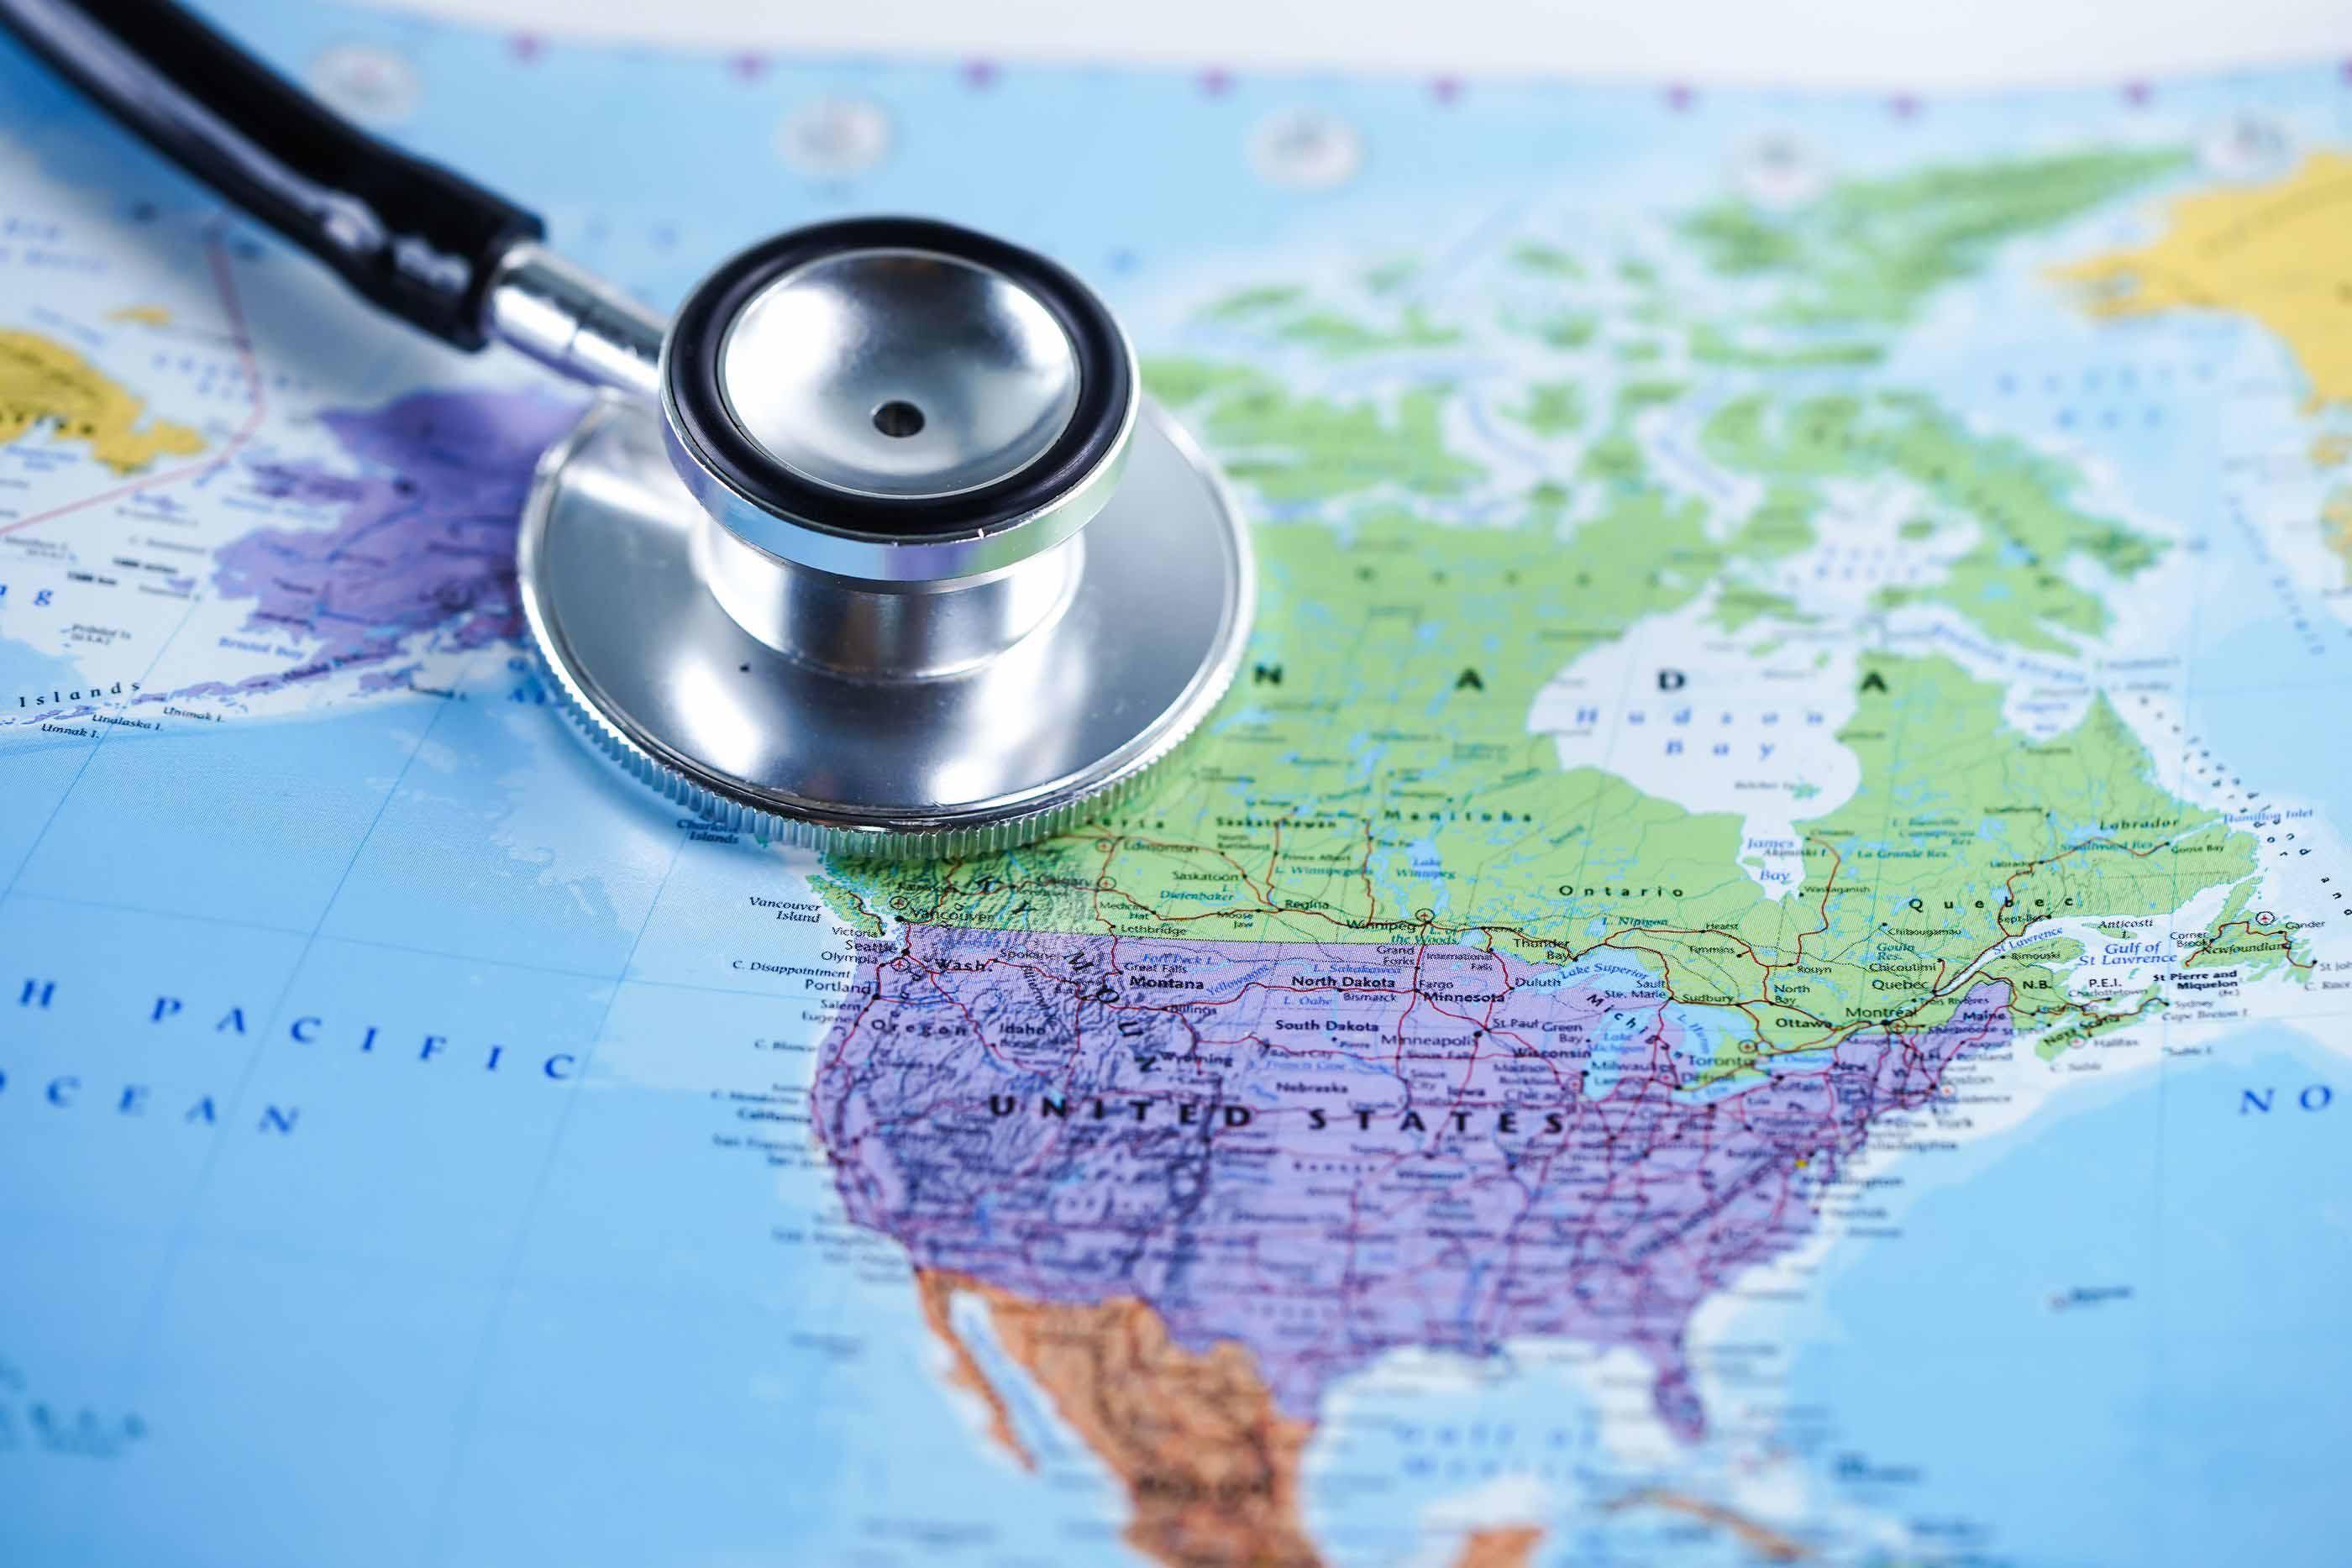 Los seguros de viaje cobraron relevancia en pandemia y la cobertura por covid forma parte de las prioridades